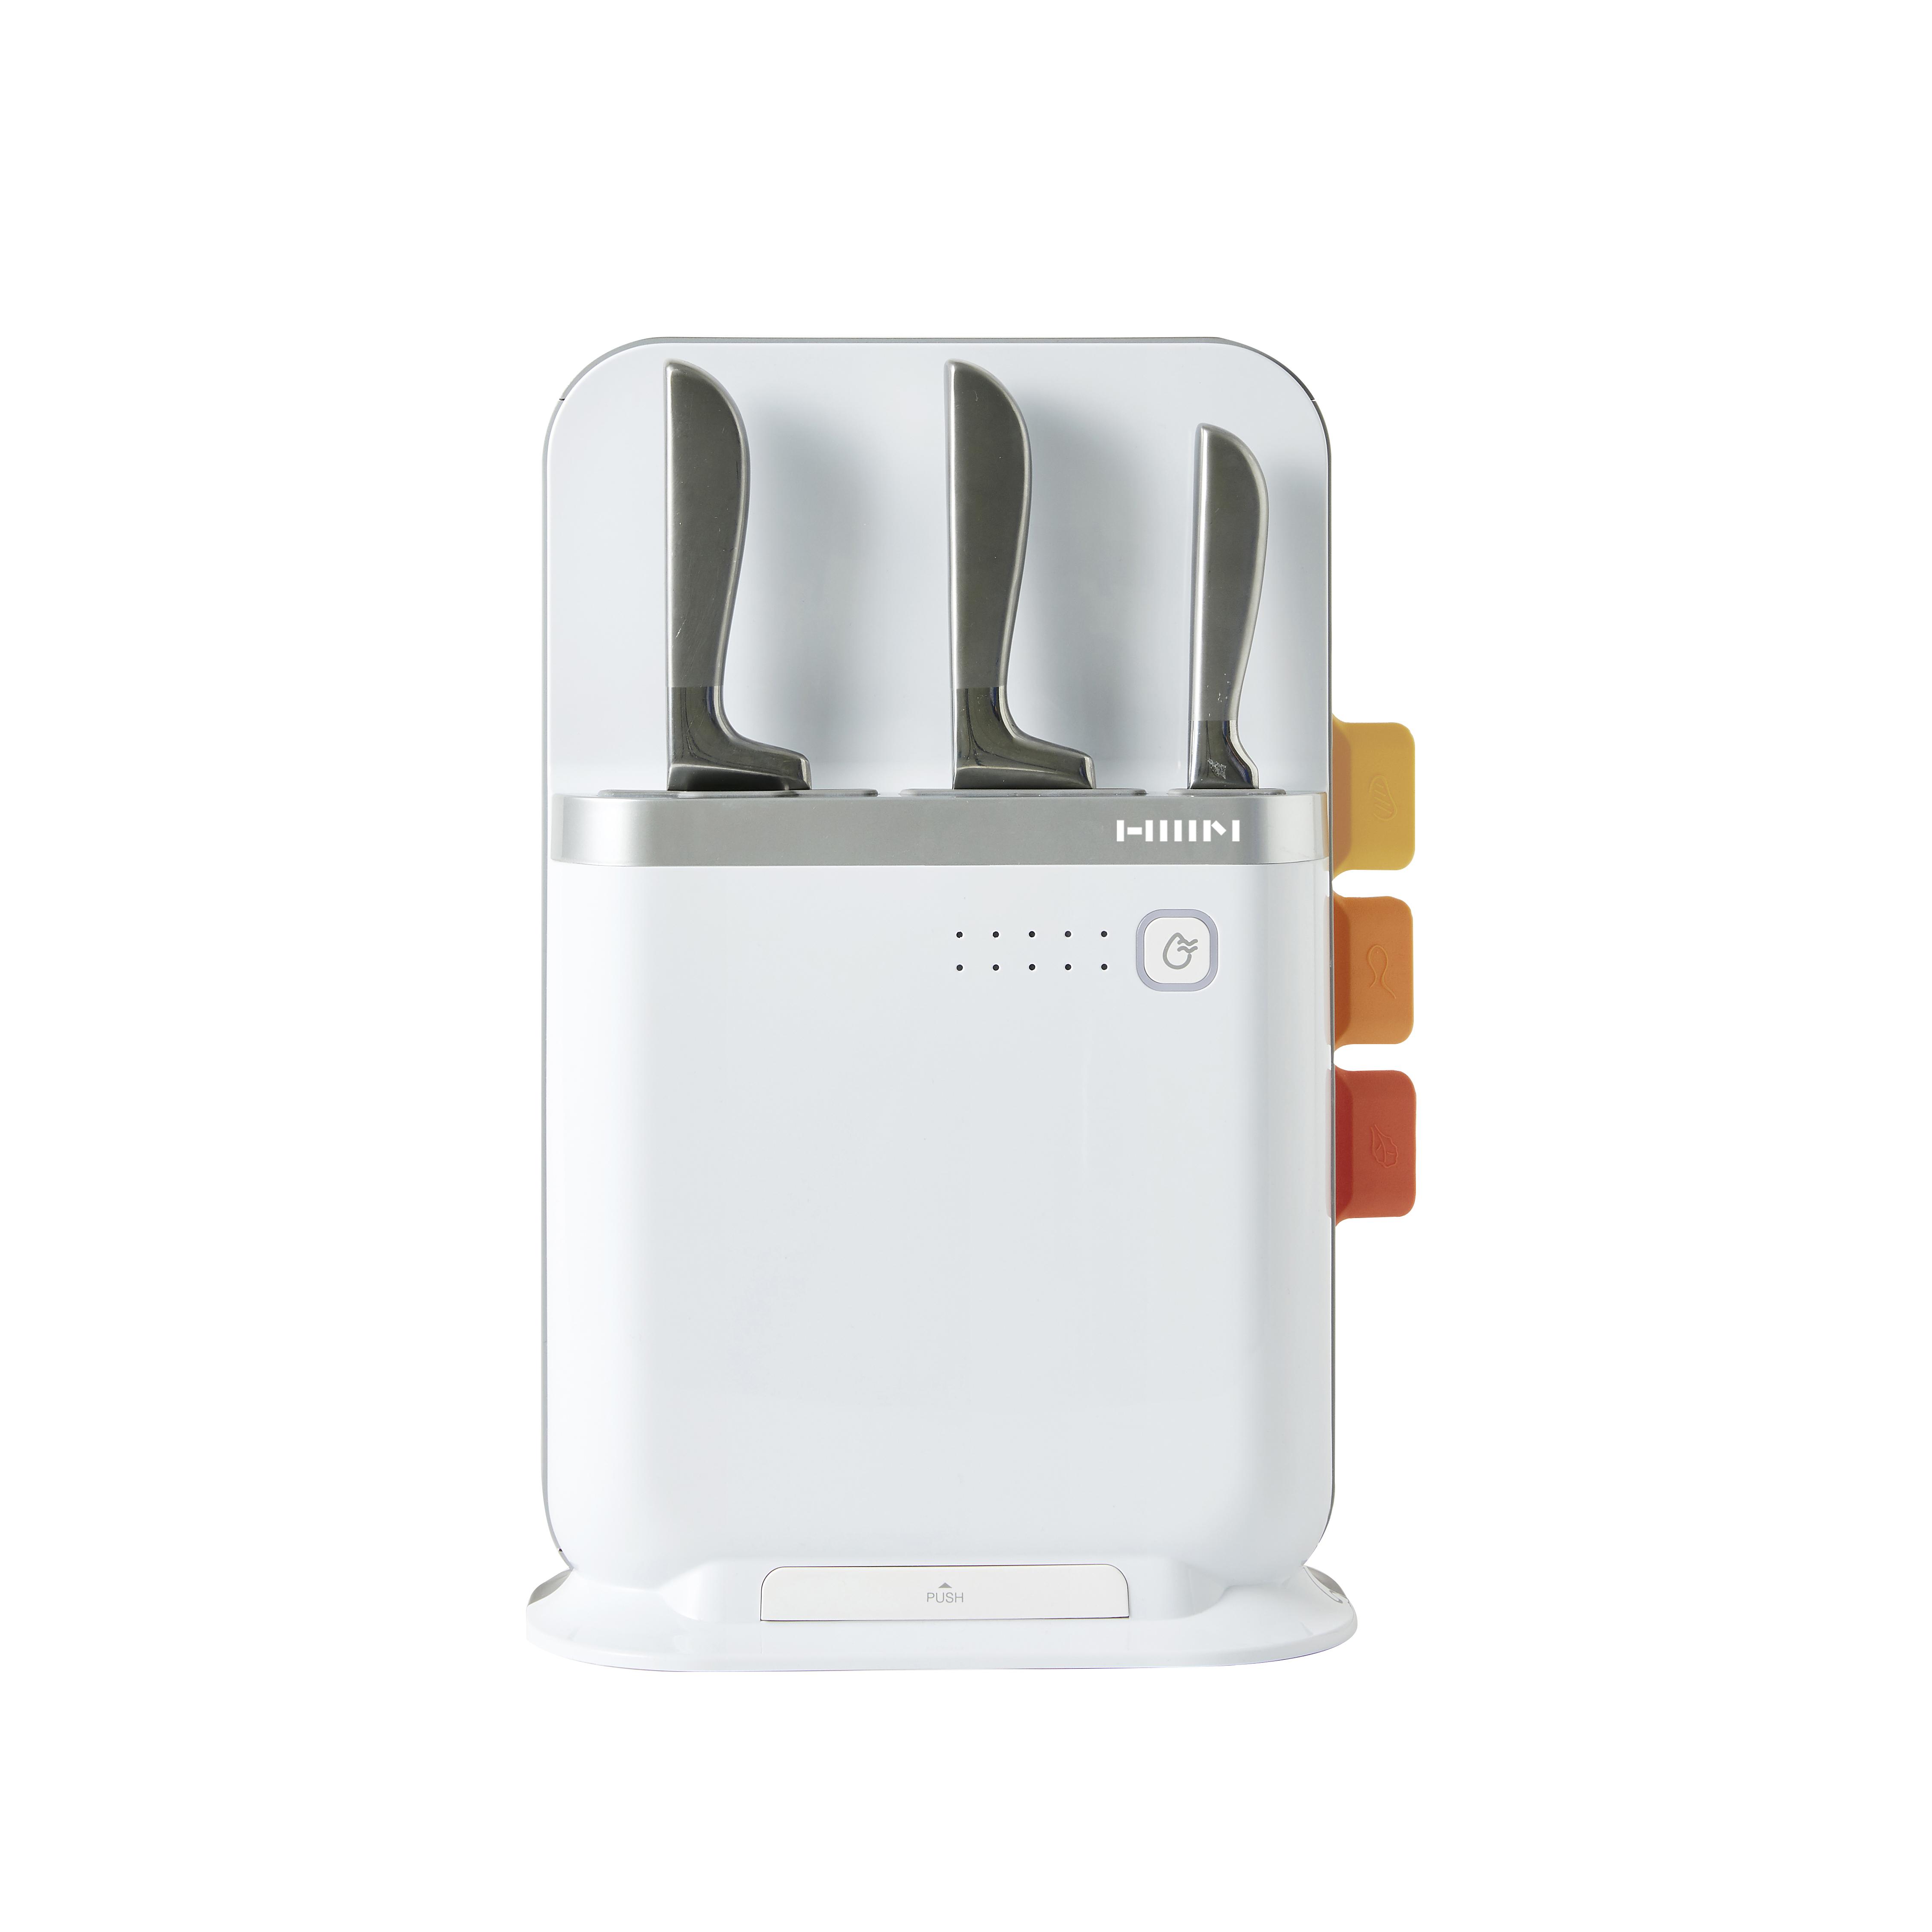 한샘 칼 도마 살균블럭 2.0 완전분리형, UV-D200